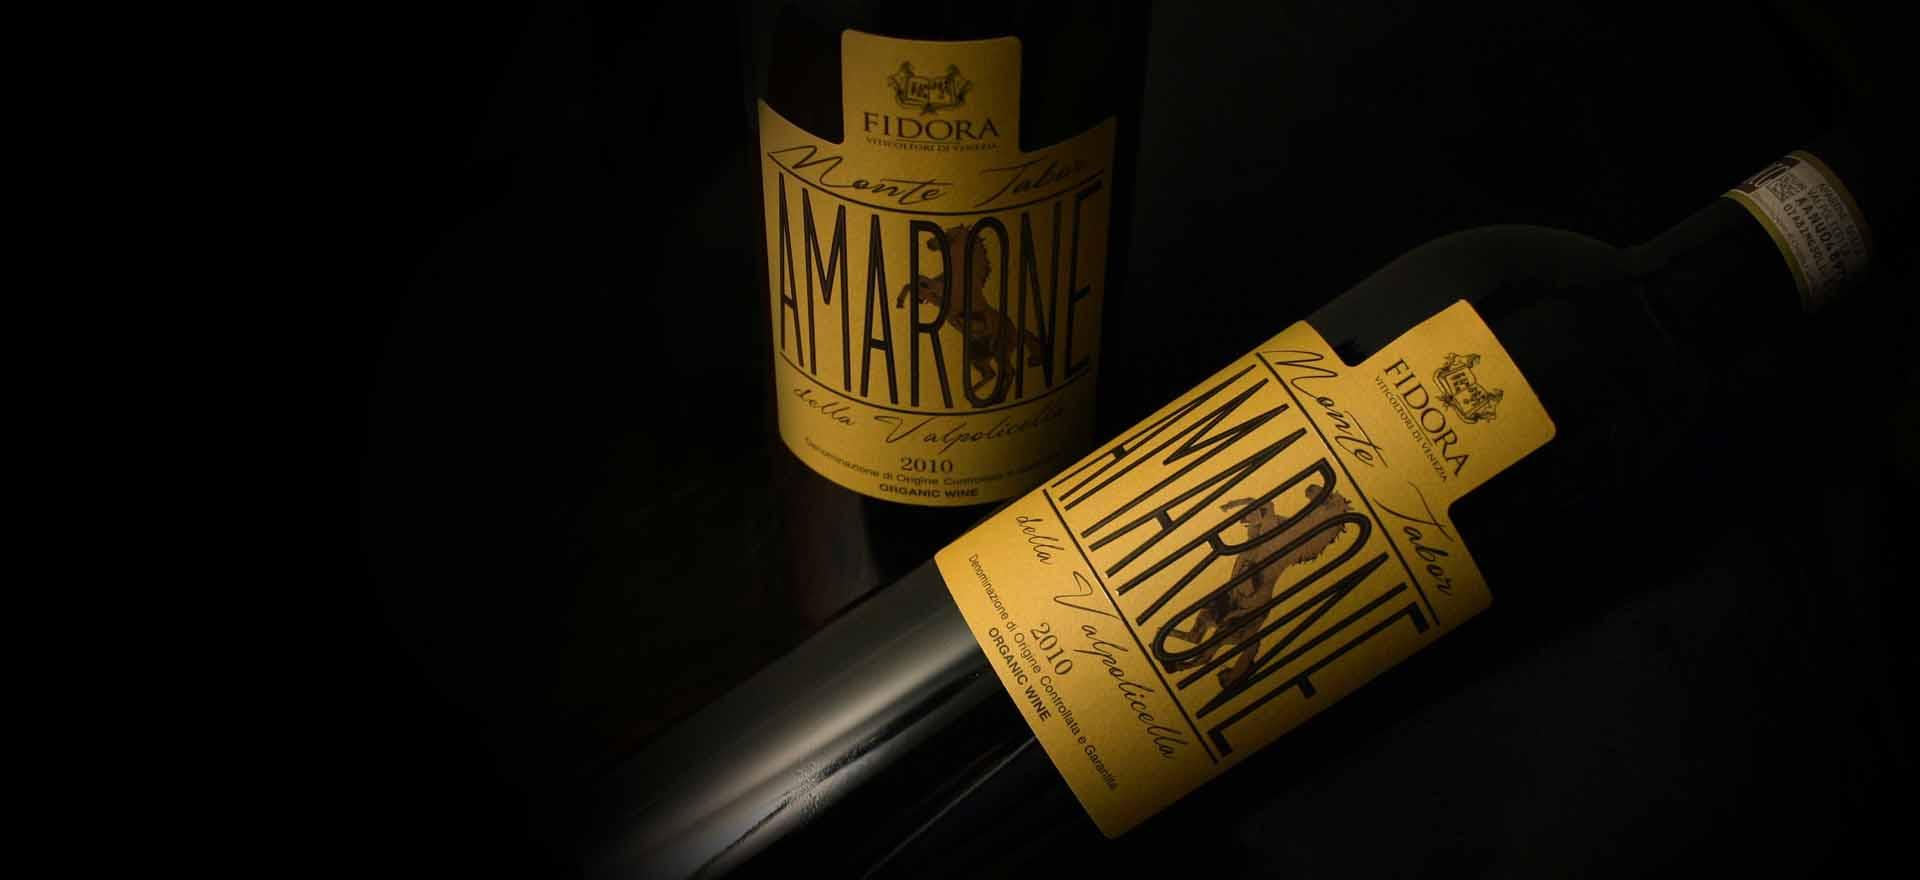 (English) Amarone Monte Tabor EN